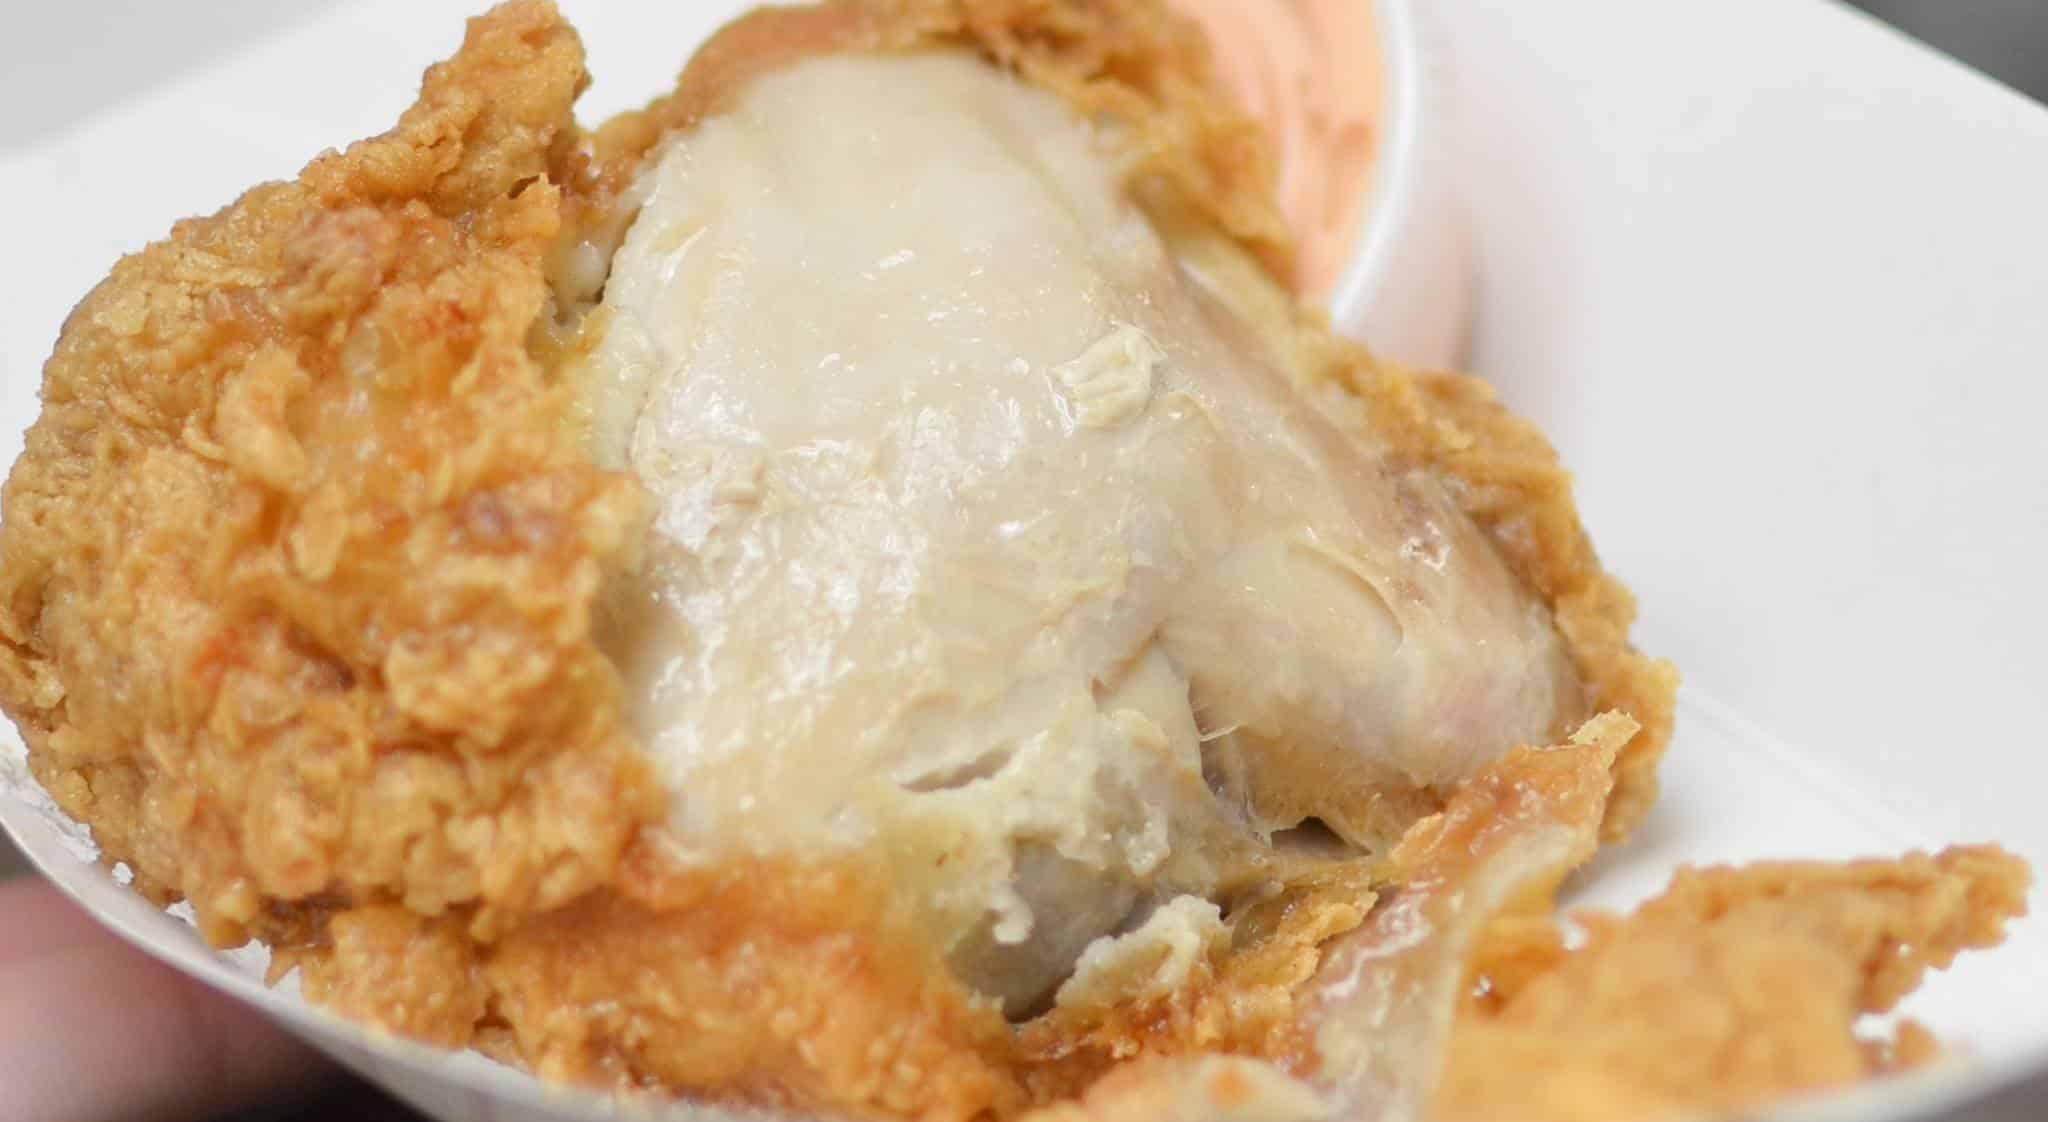 Best Fried Chicken Wichita Kansas